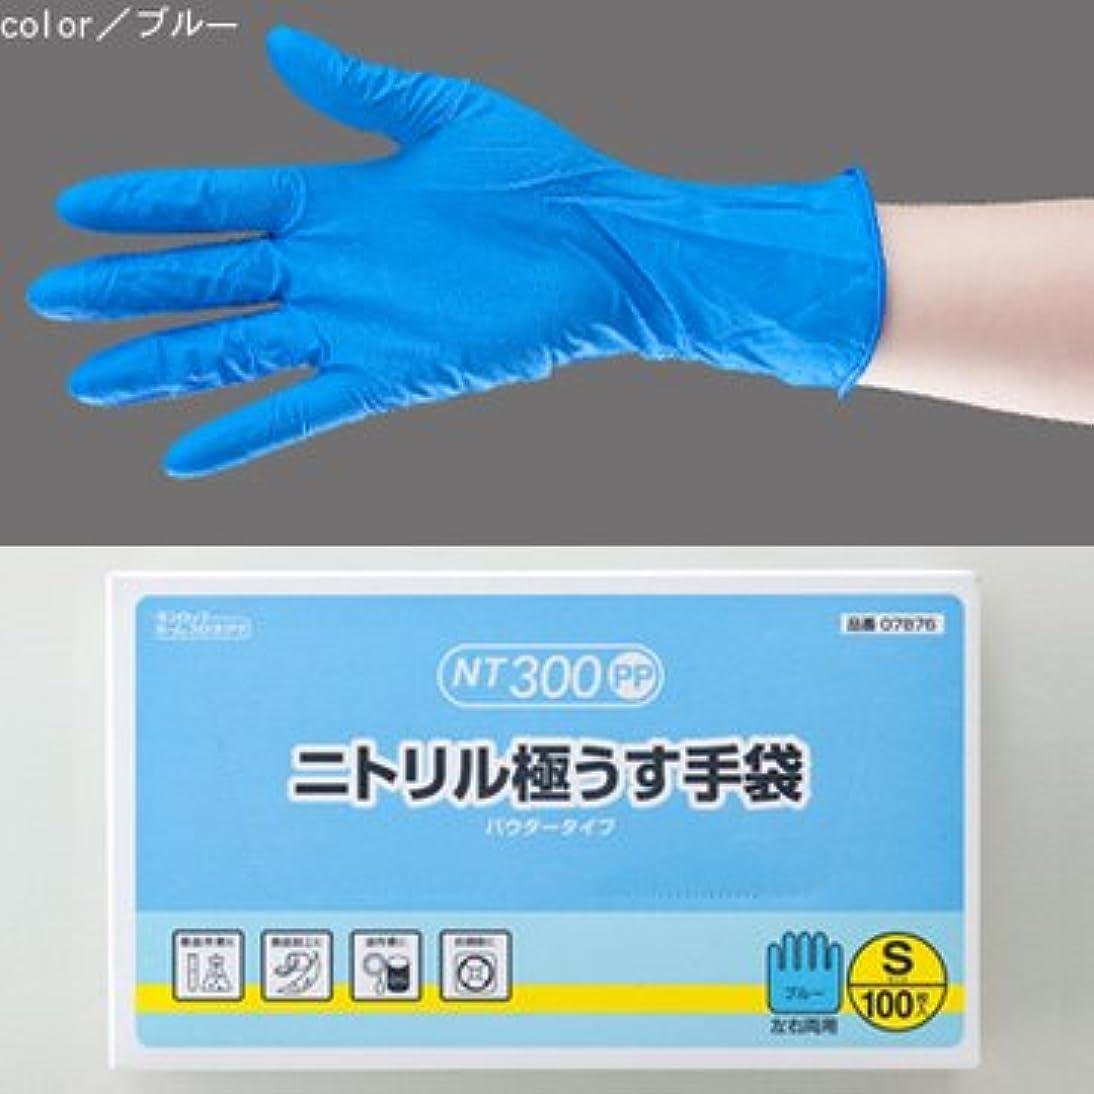 値するスペース枯渇ニトリル極うす手袋 NT300PP 100枚入り (S)